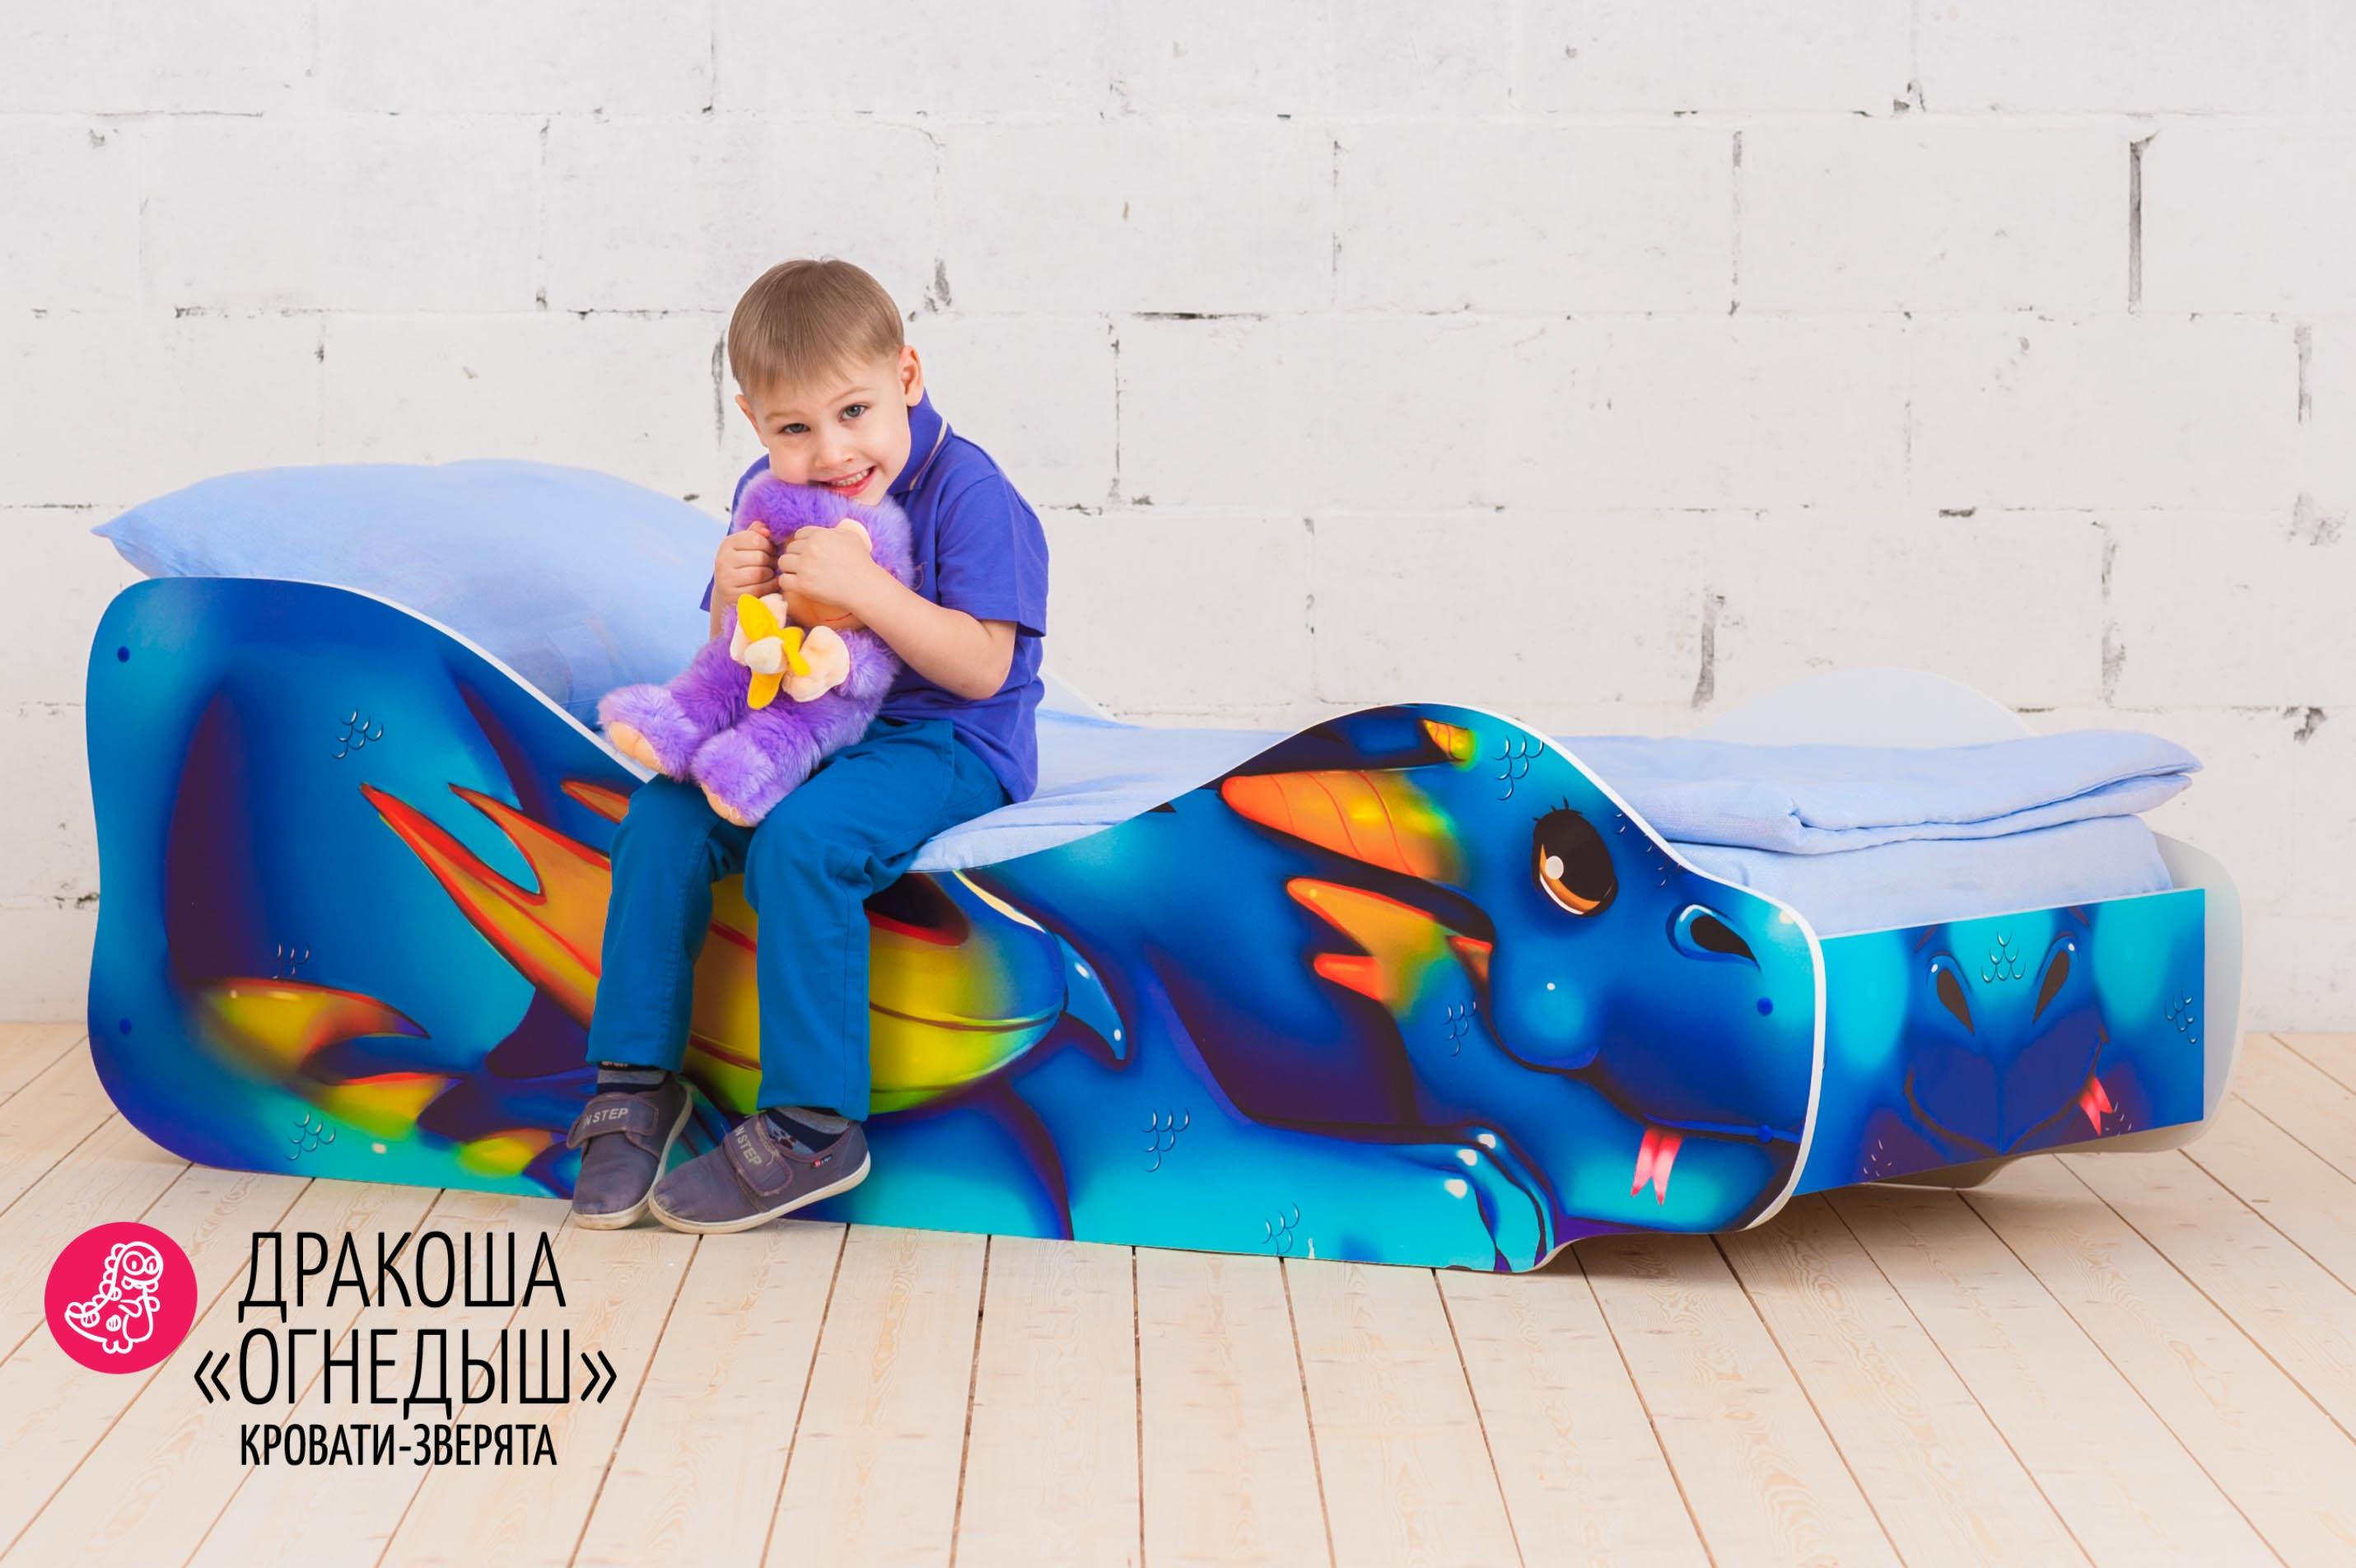 Детская кровать-зверенок -Дракоша-Огнедыш-6